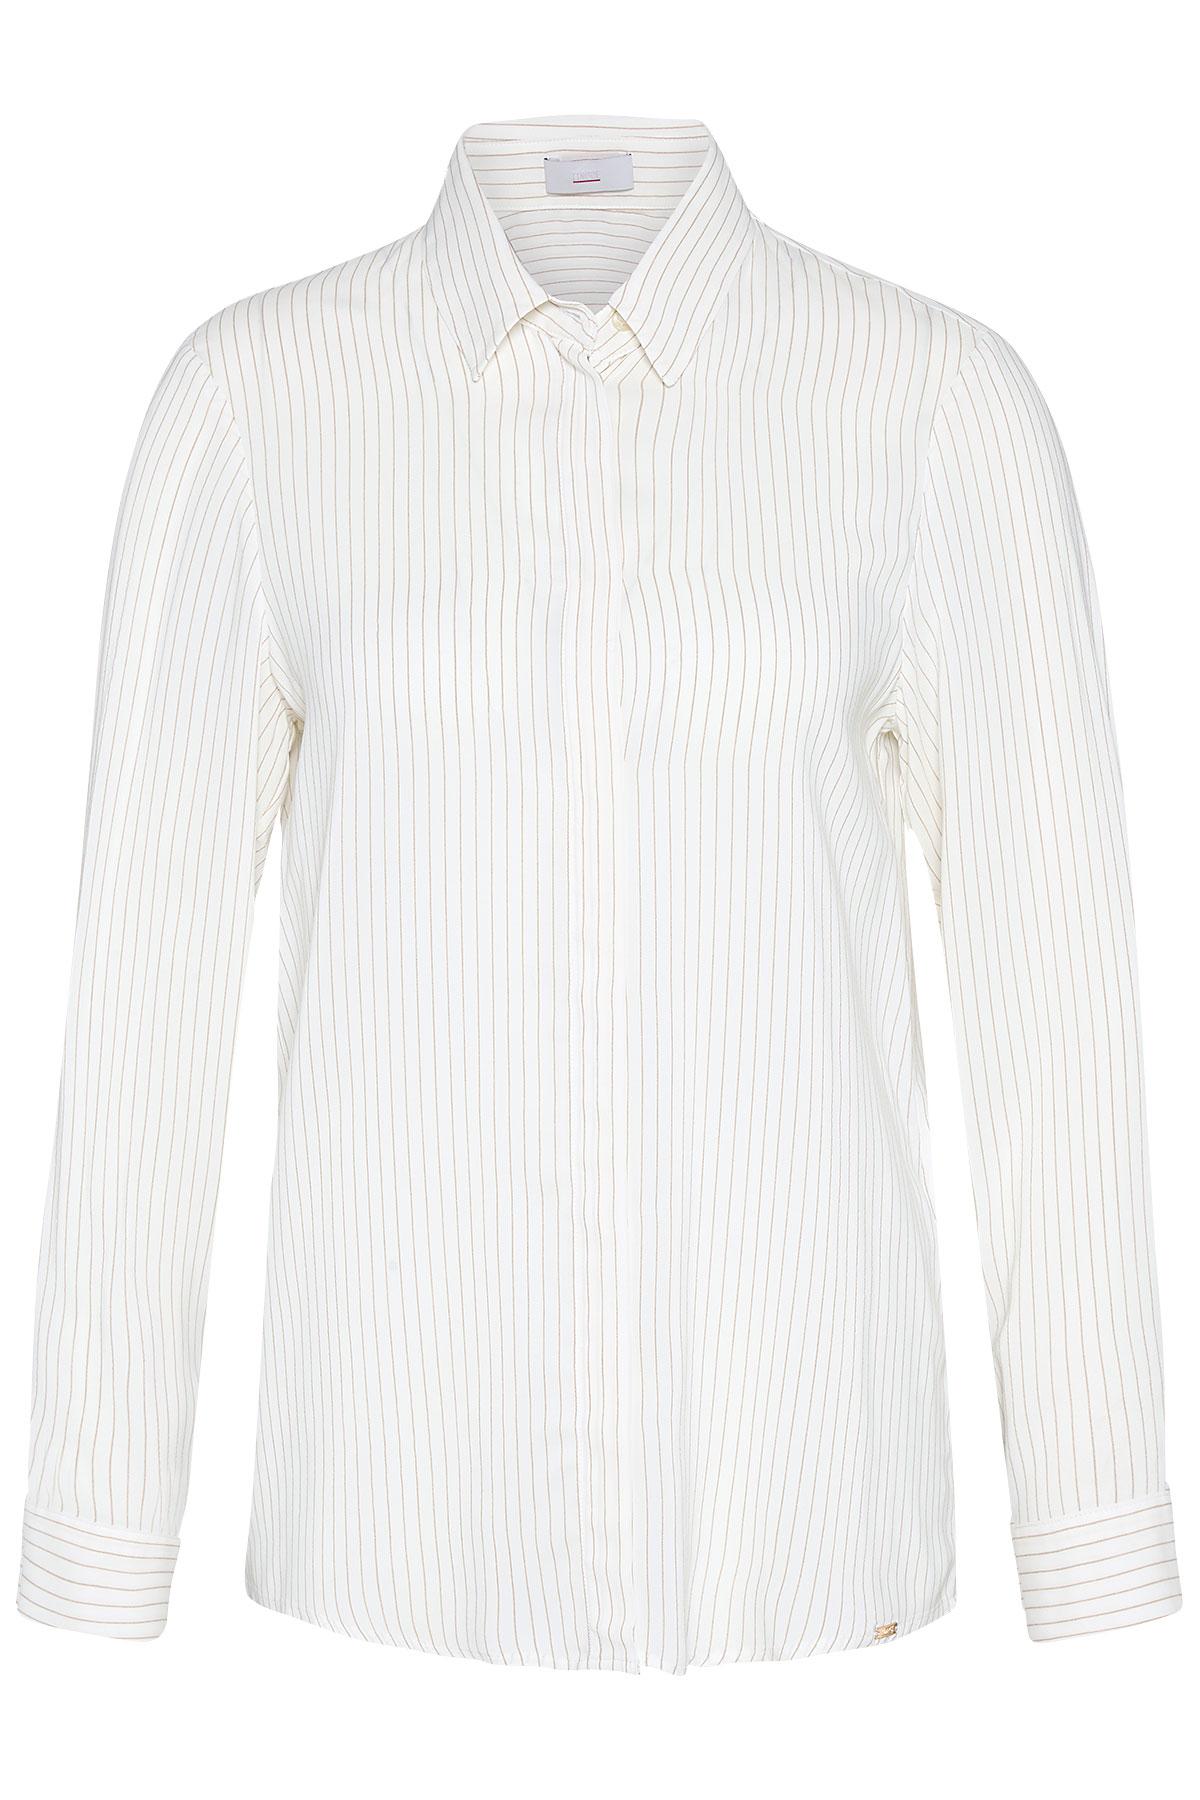 Cinque Bluse gestreift weiß